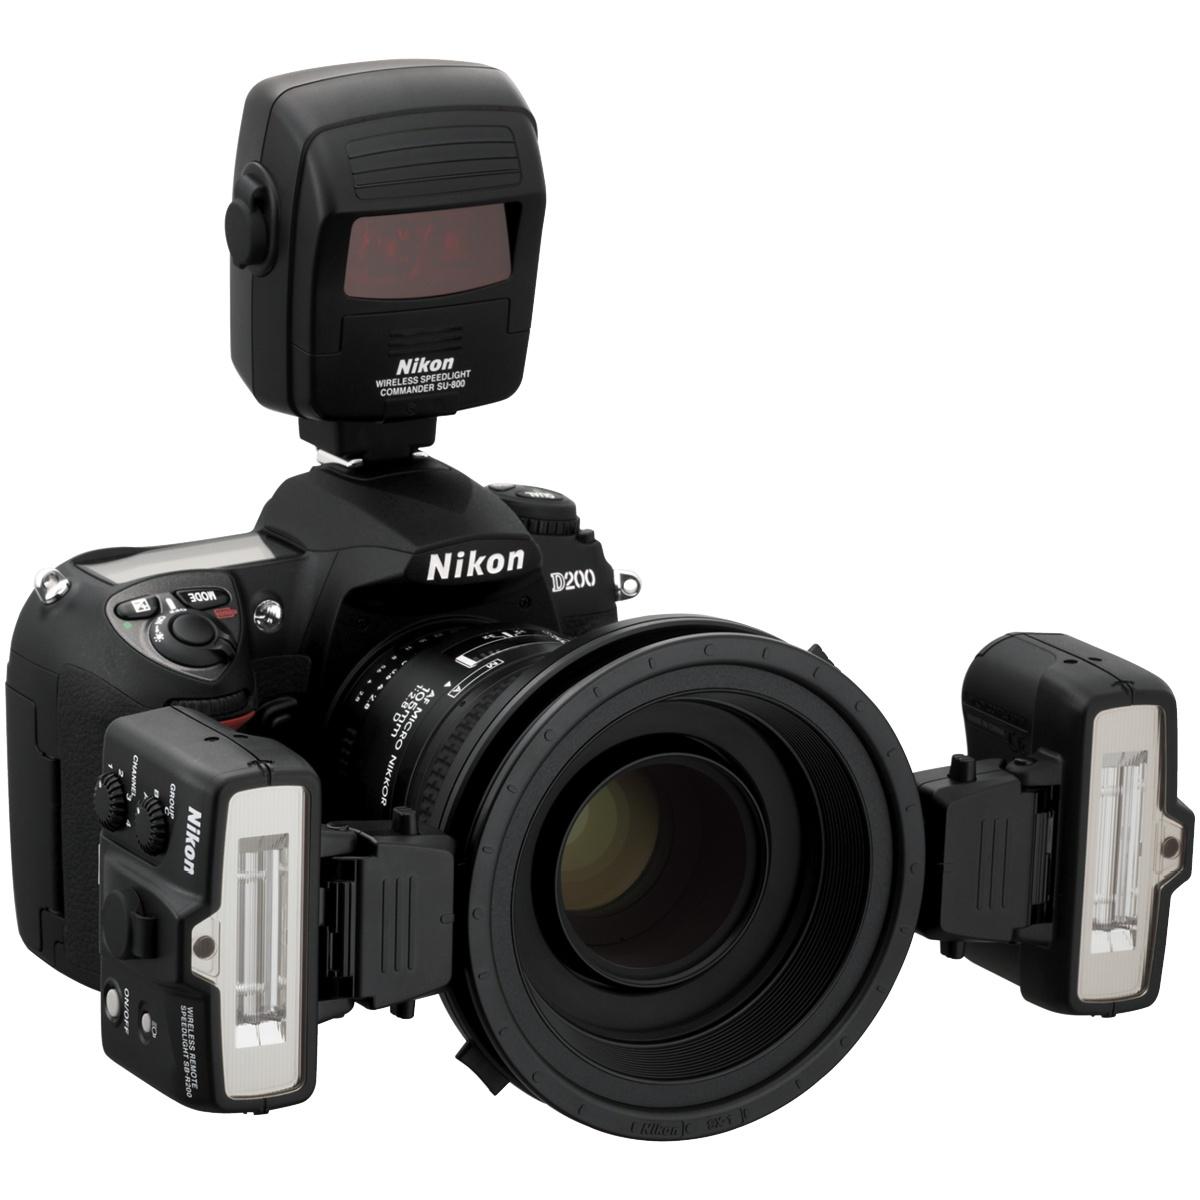 Nikon R1C1 Makroblitz Kit mit SU-800